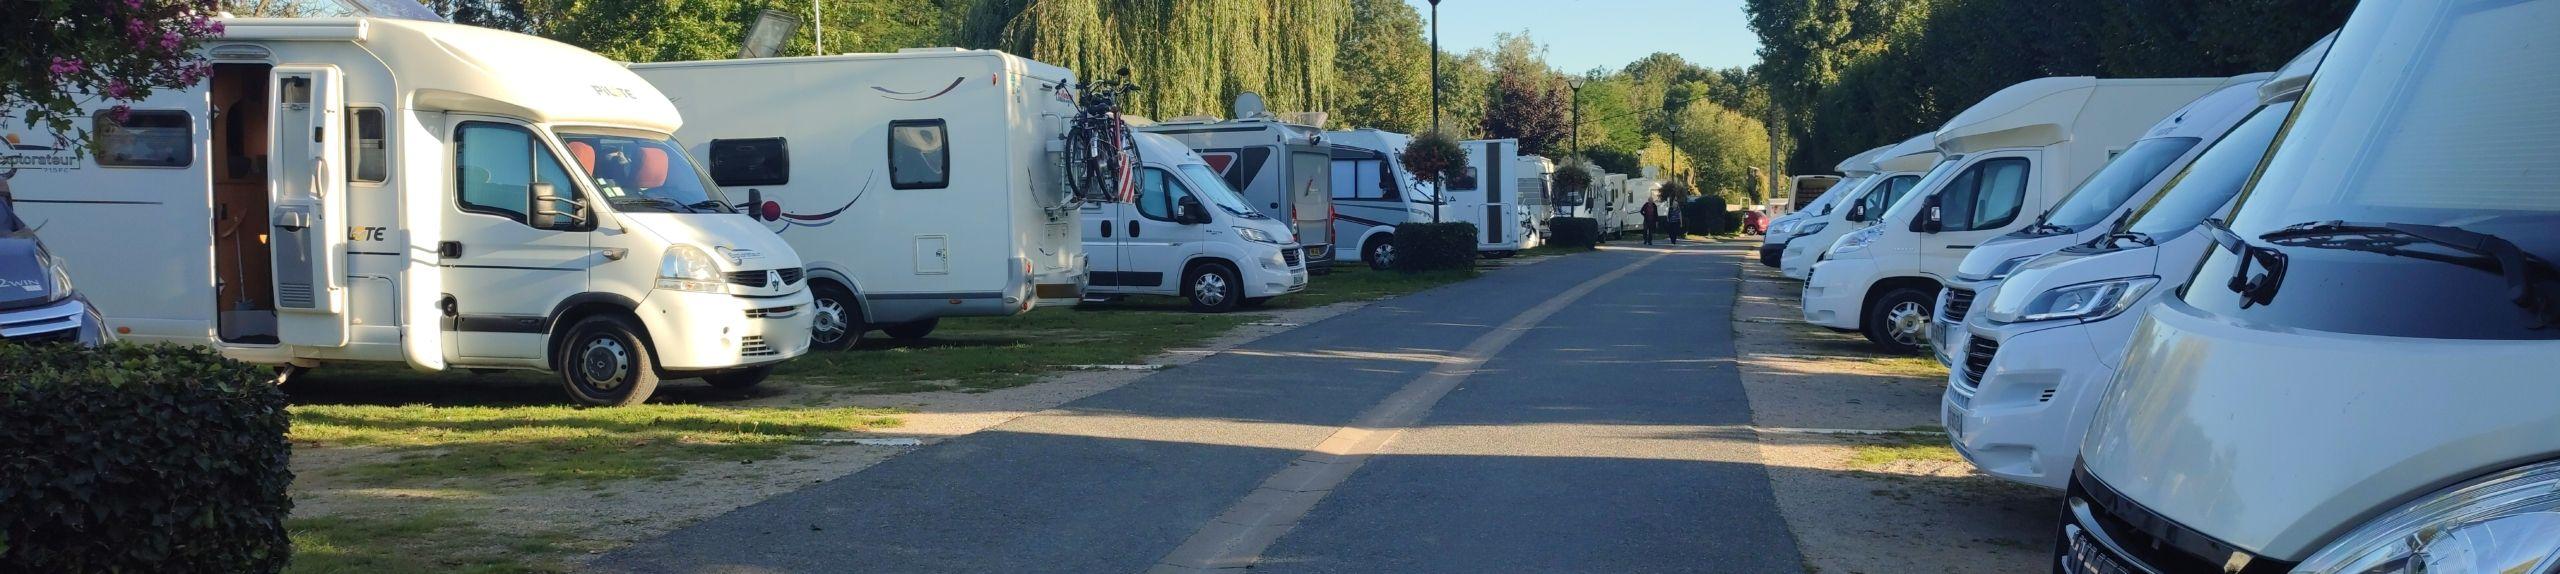 Aire d'accueil et de service camping-car